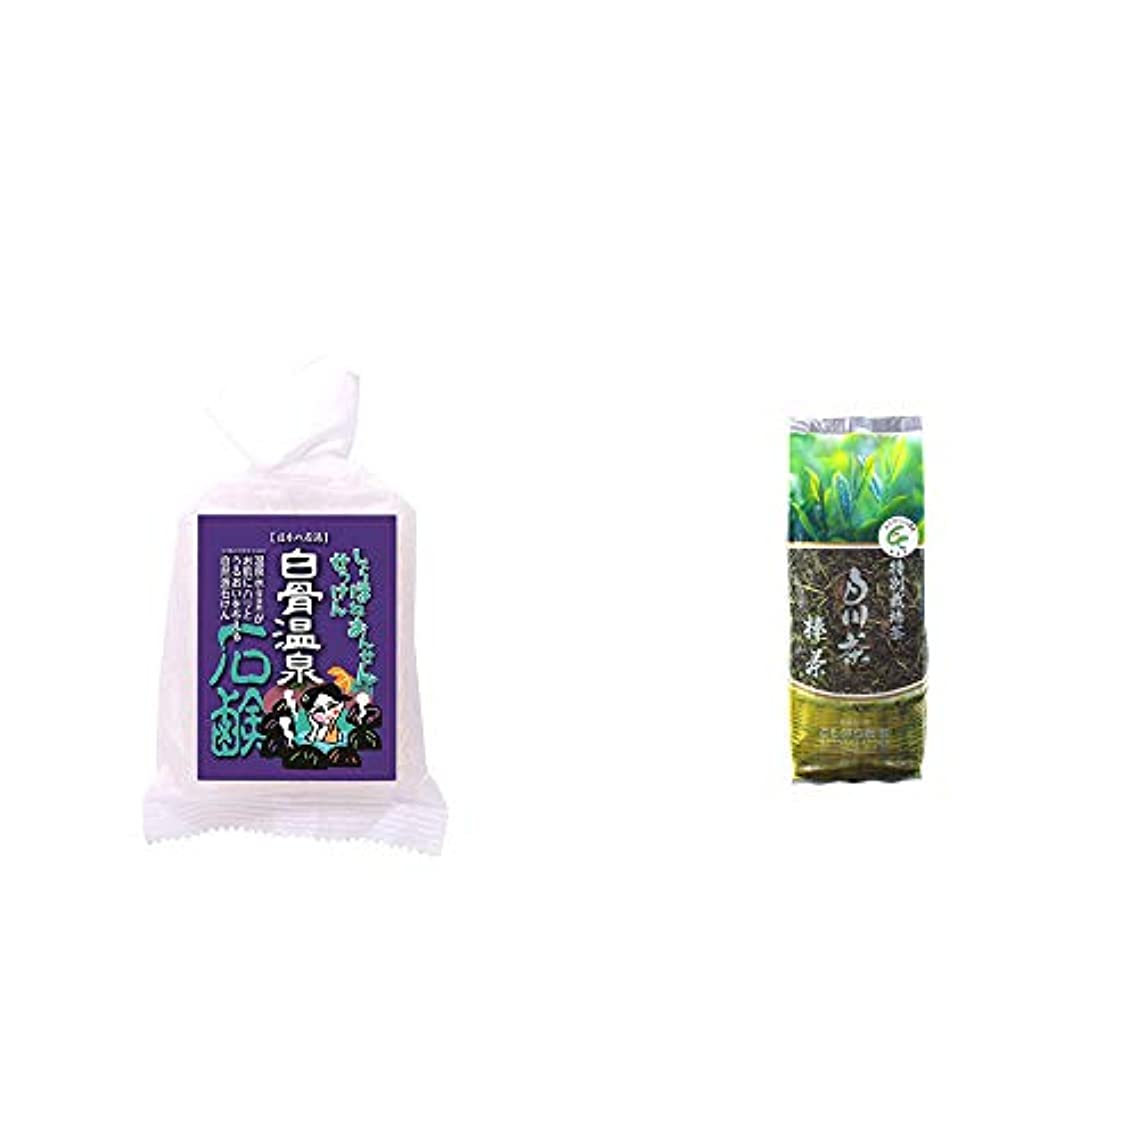 議題感嘆符安定[2点セット] 信州 白骨温泉石鹸(80g)?白川茶 特別栽培茶【棒茶】(150g)